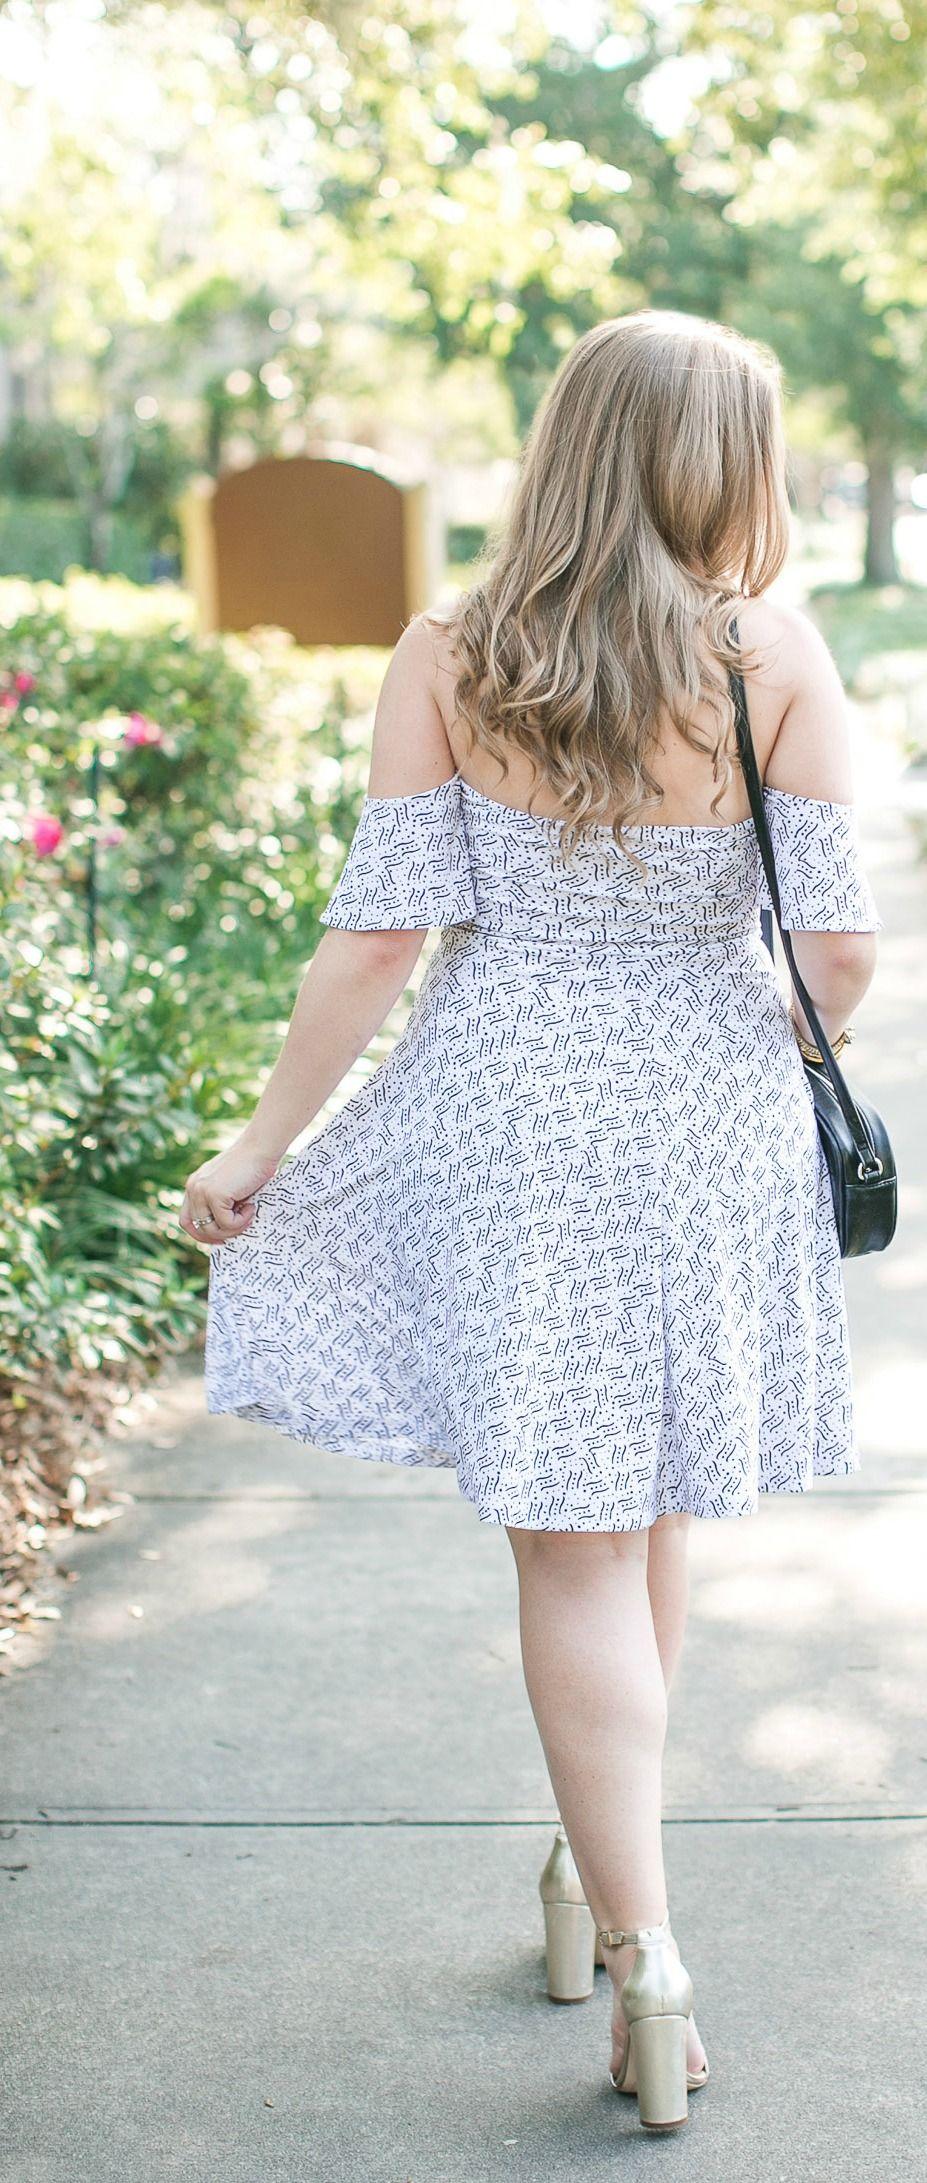 Leith Off The Shoulder Dress under $40   Ashley brooke, Summer ...